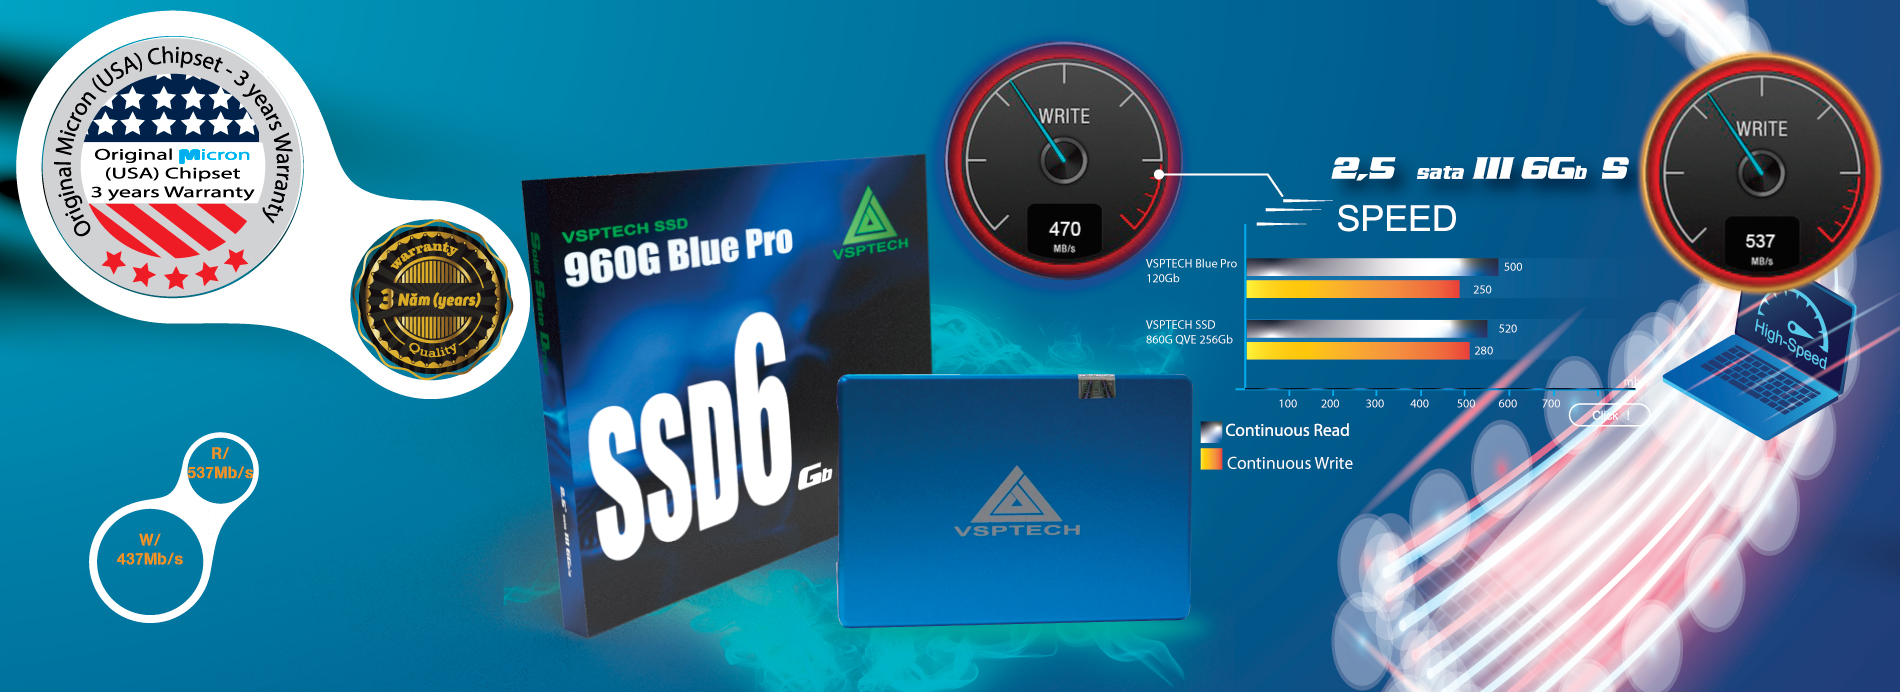 SSD VSPTECH